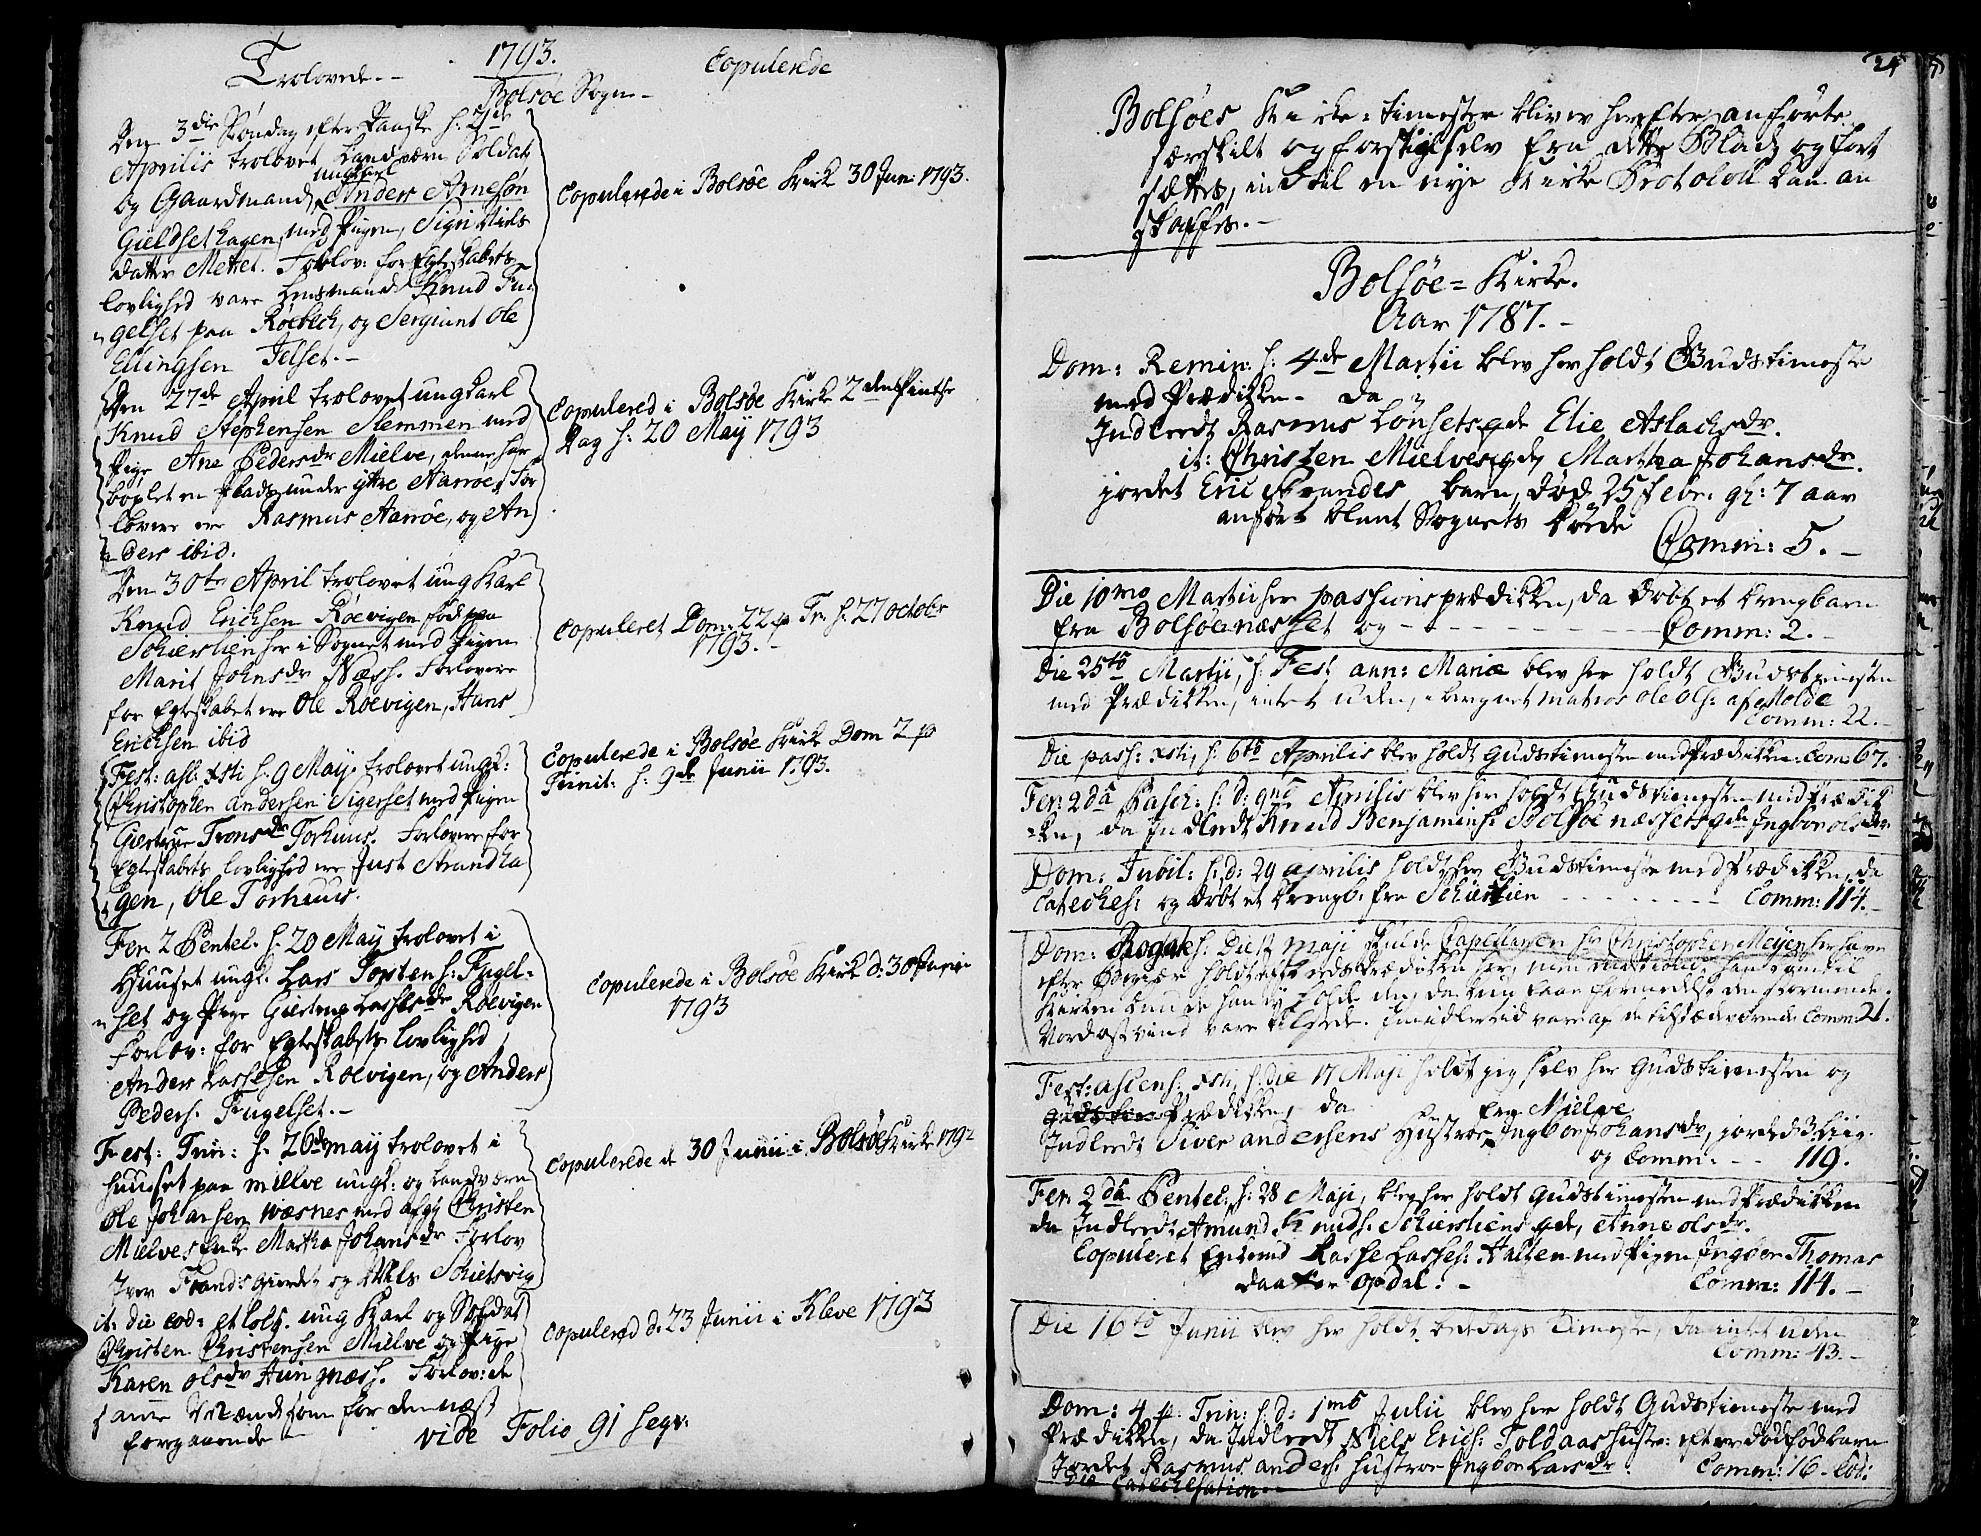 SAT, Ministerialprotokoller, klokkerbøker og fødselsregistre - Møre og Romsdal, 555/L0648: Ministerialbok nr. 555A01, 1759-1793, s. 24